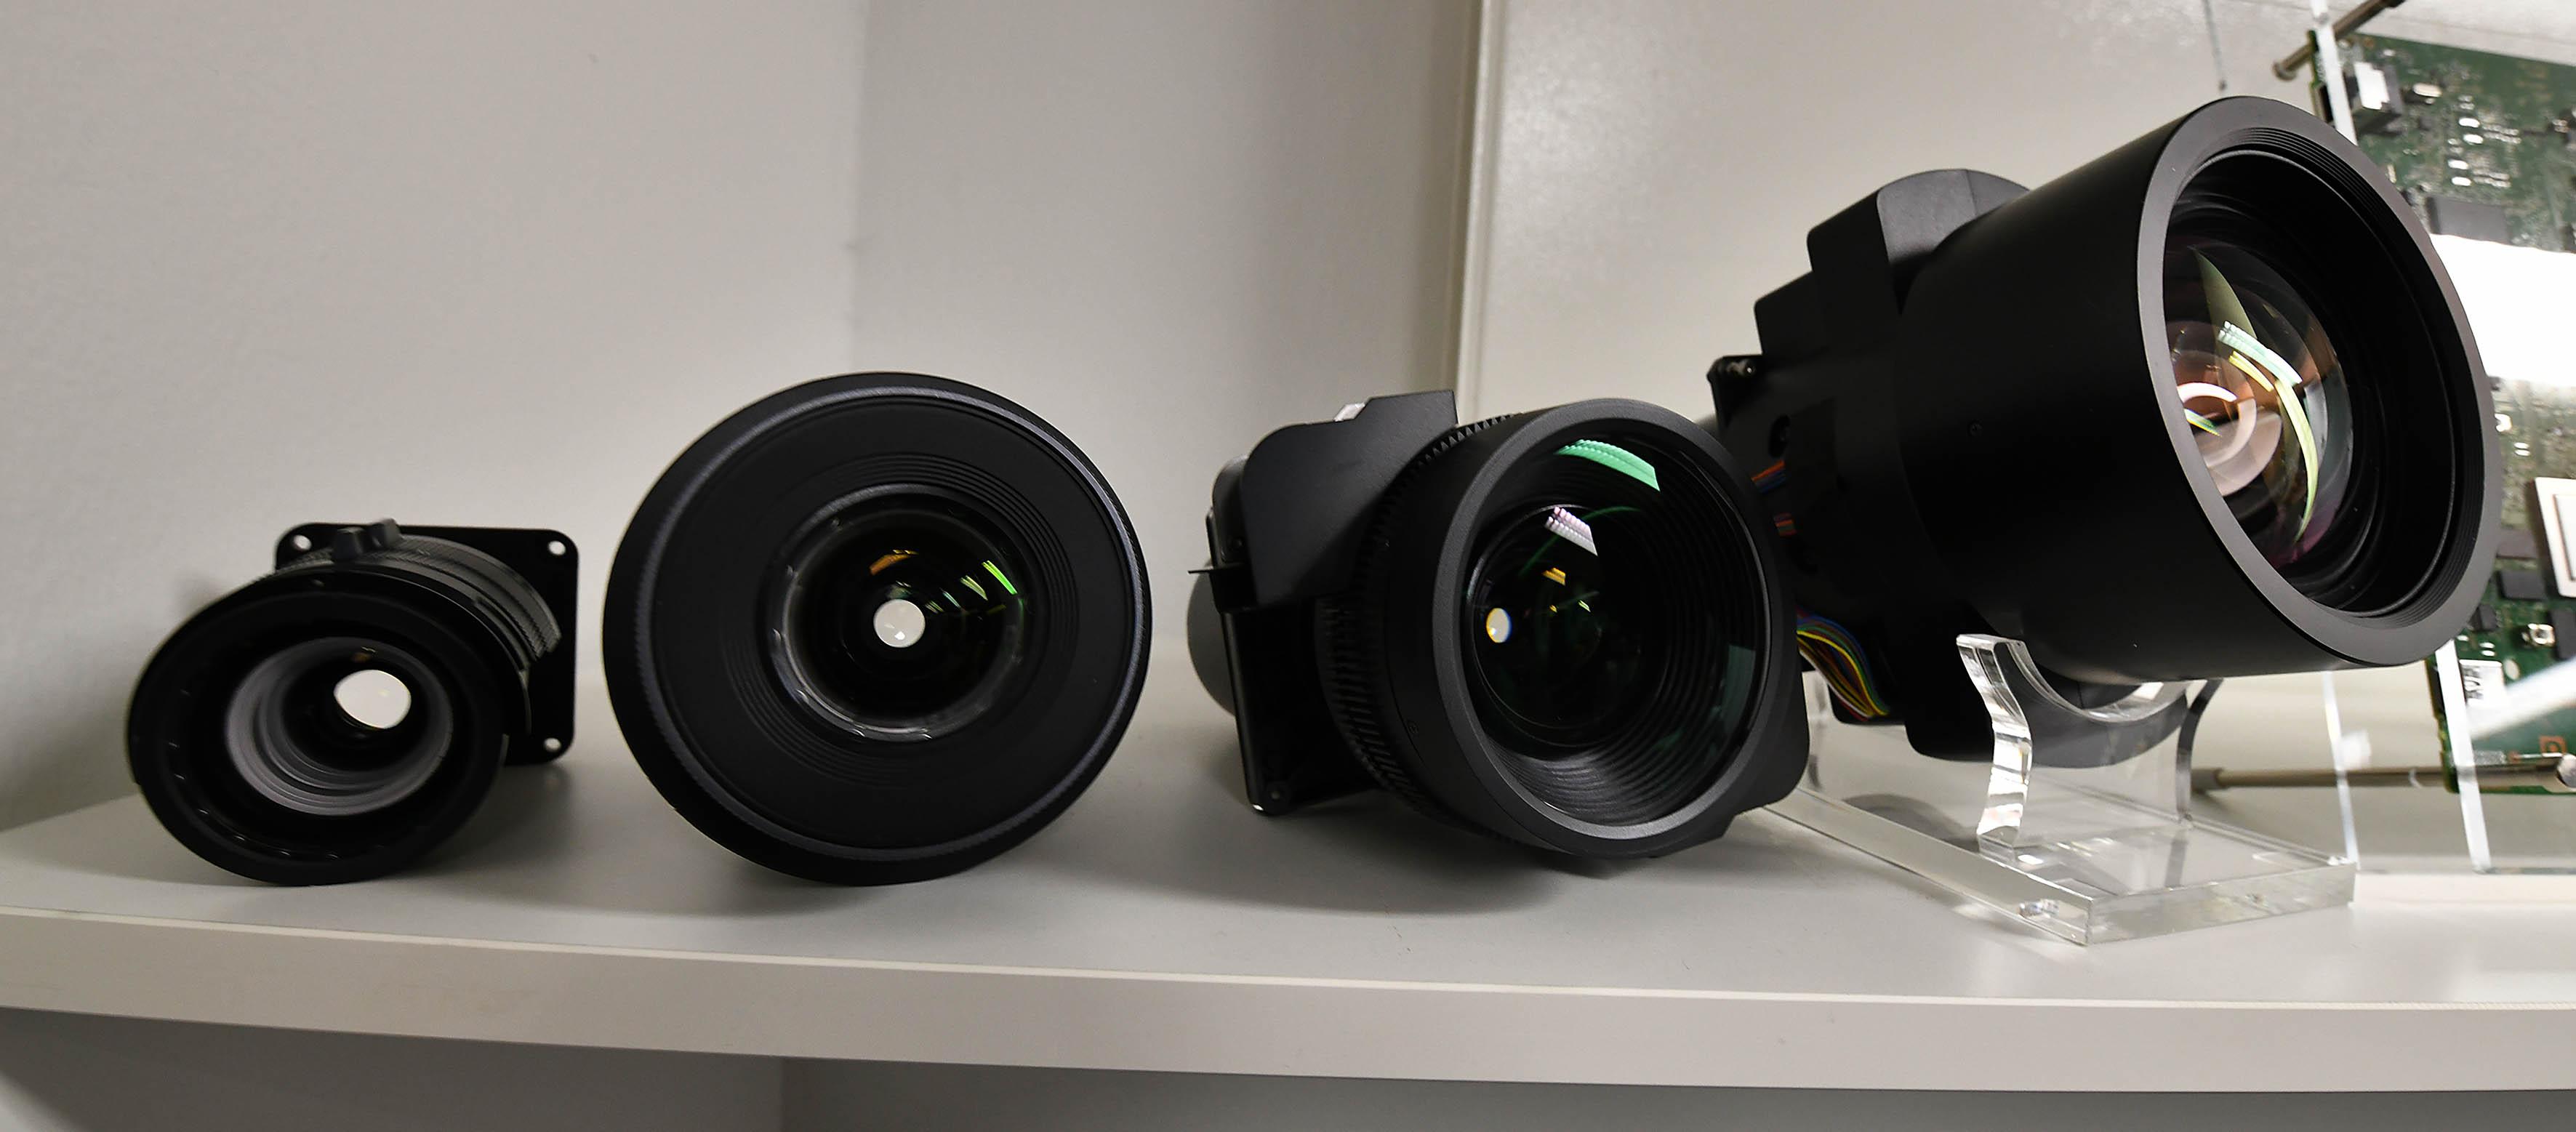 Foto: Michael B. Rehders Ganz rechts befindet sich das riesige Objektiv für den Sony VPL-VW870. Links daneben ist das etwas kleinere Objektiv zu sehen, das in den Modellen VPL-VW270/570 verwendet wird.